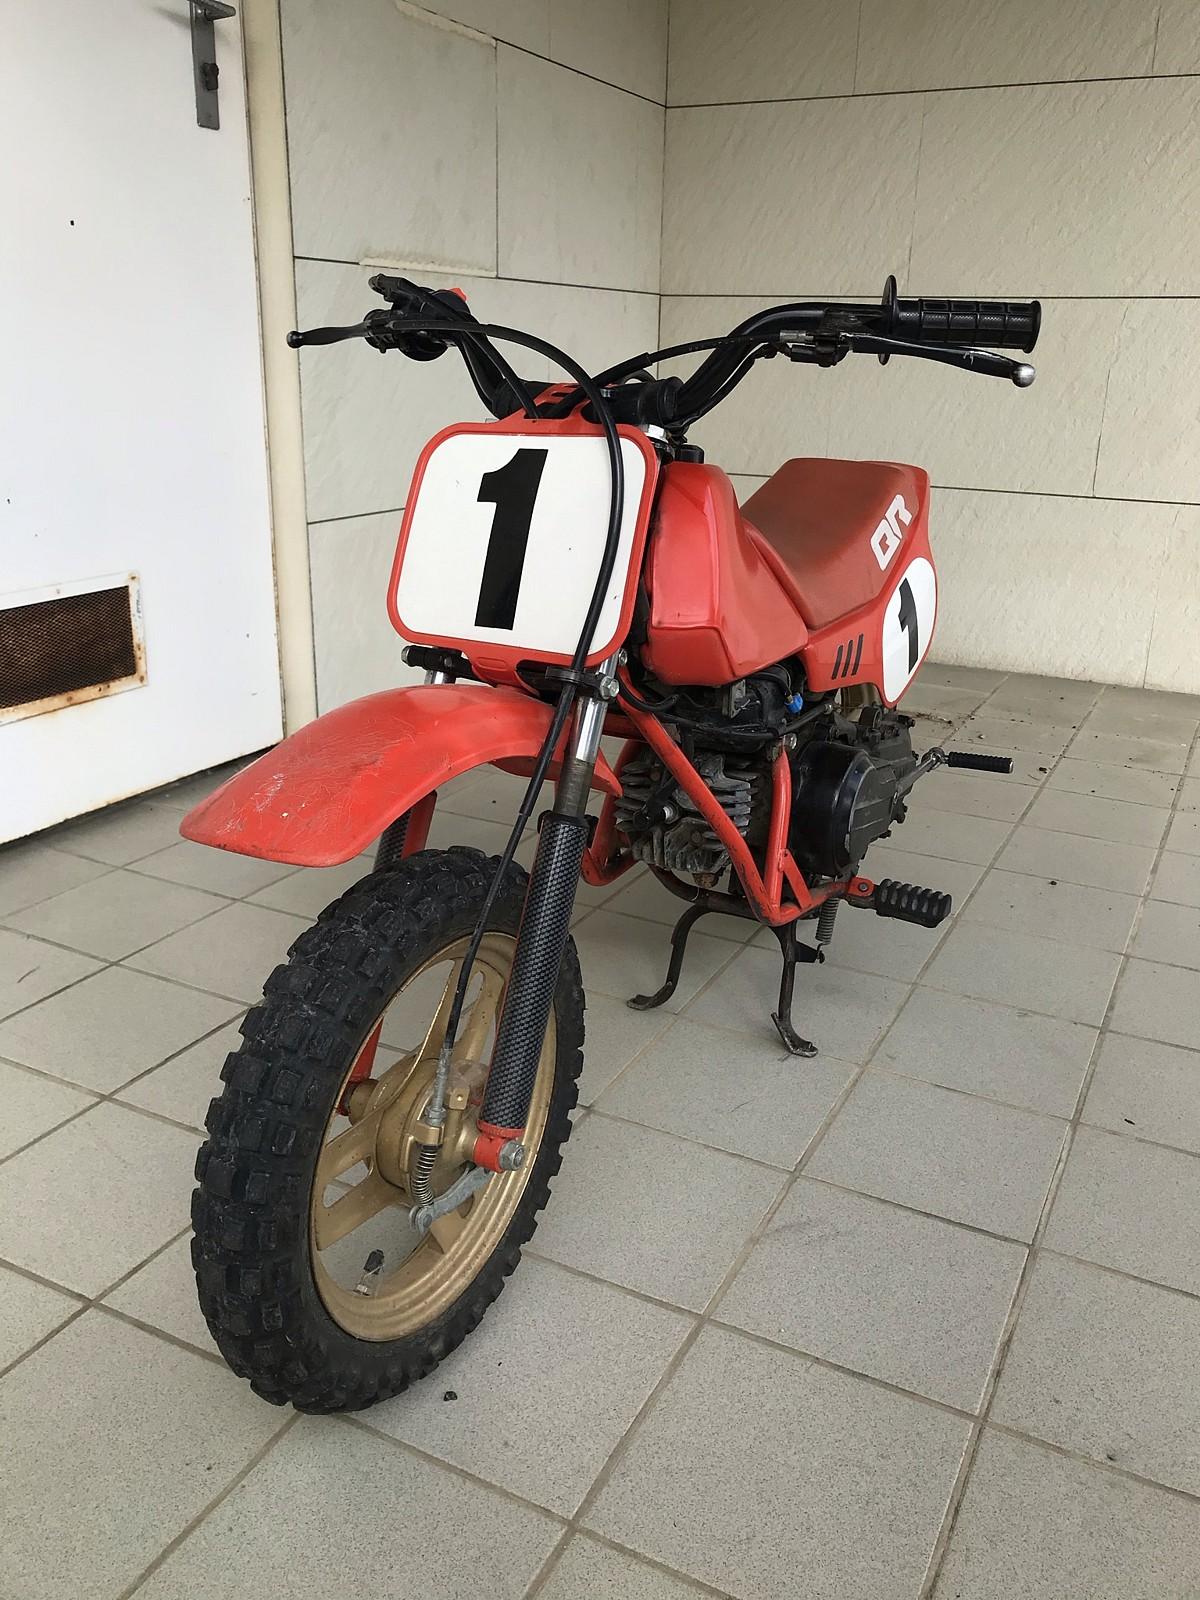 BF5C9B9B-7E6F-4866-A7A3-8C4C5AC4FC1B - Godcho - Motocross Pictures - Vital MX